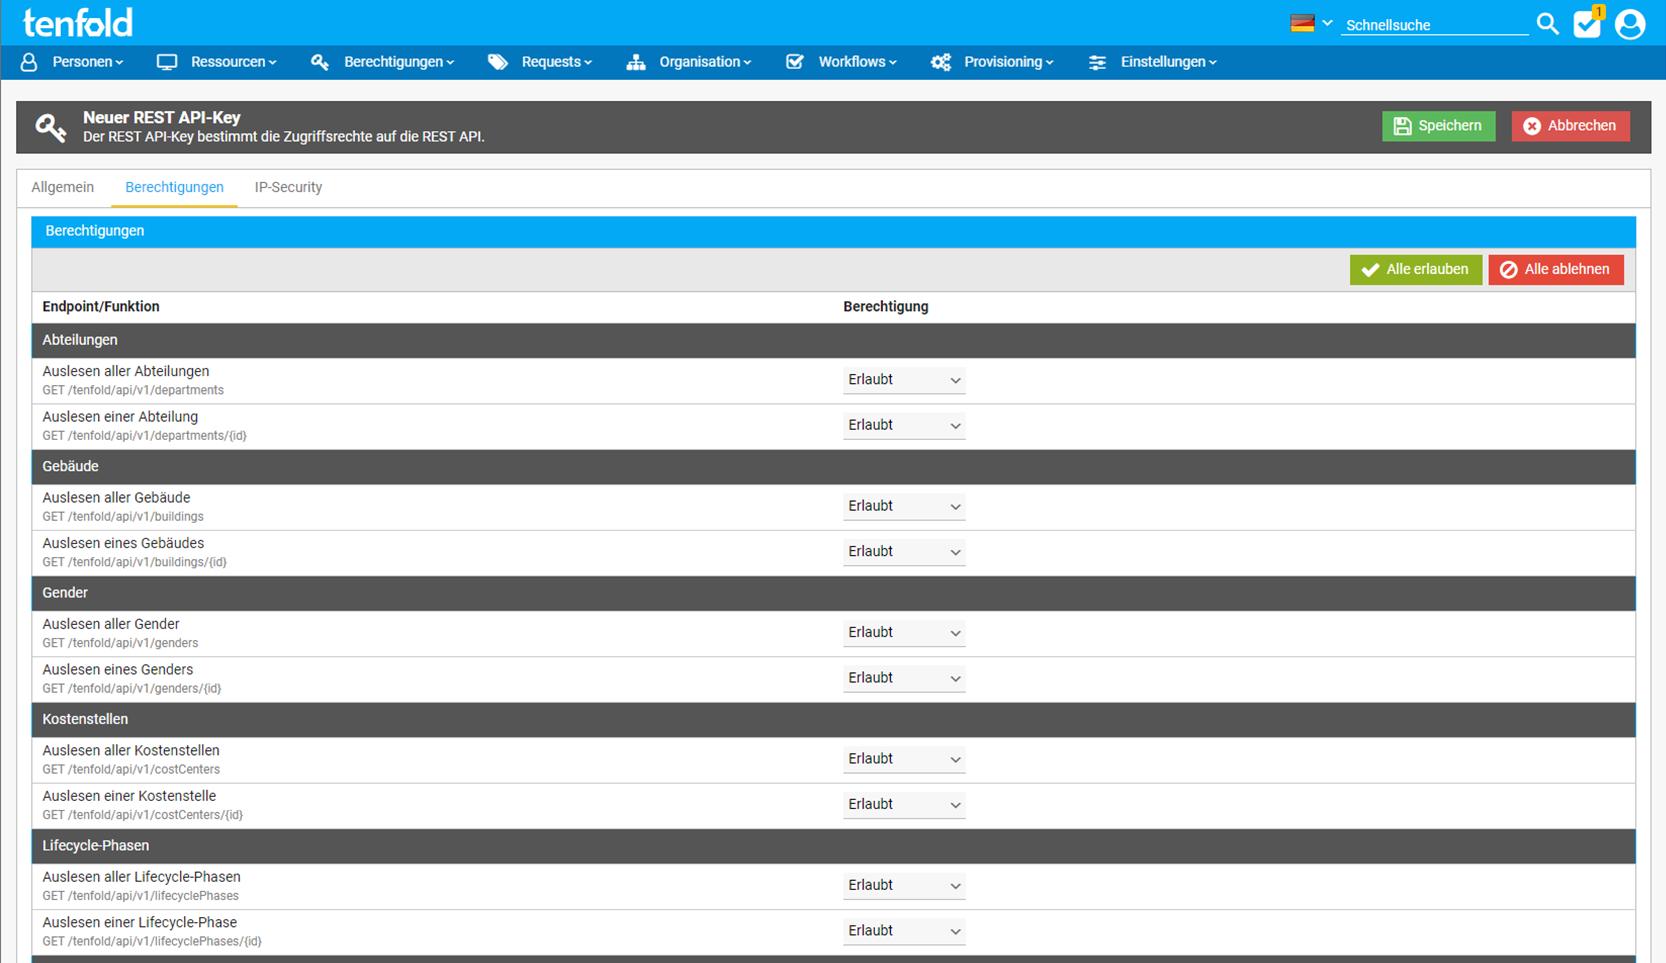 Screenshot der Benutzeroberfläche der IAM Software tenfold, auf dem die Maske für die REST API Schnittstelle zu sehen ist.